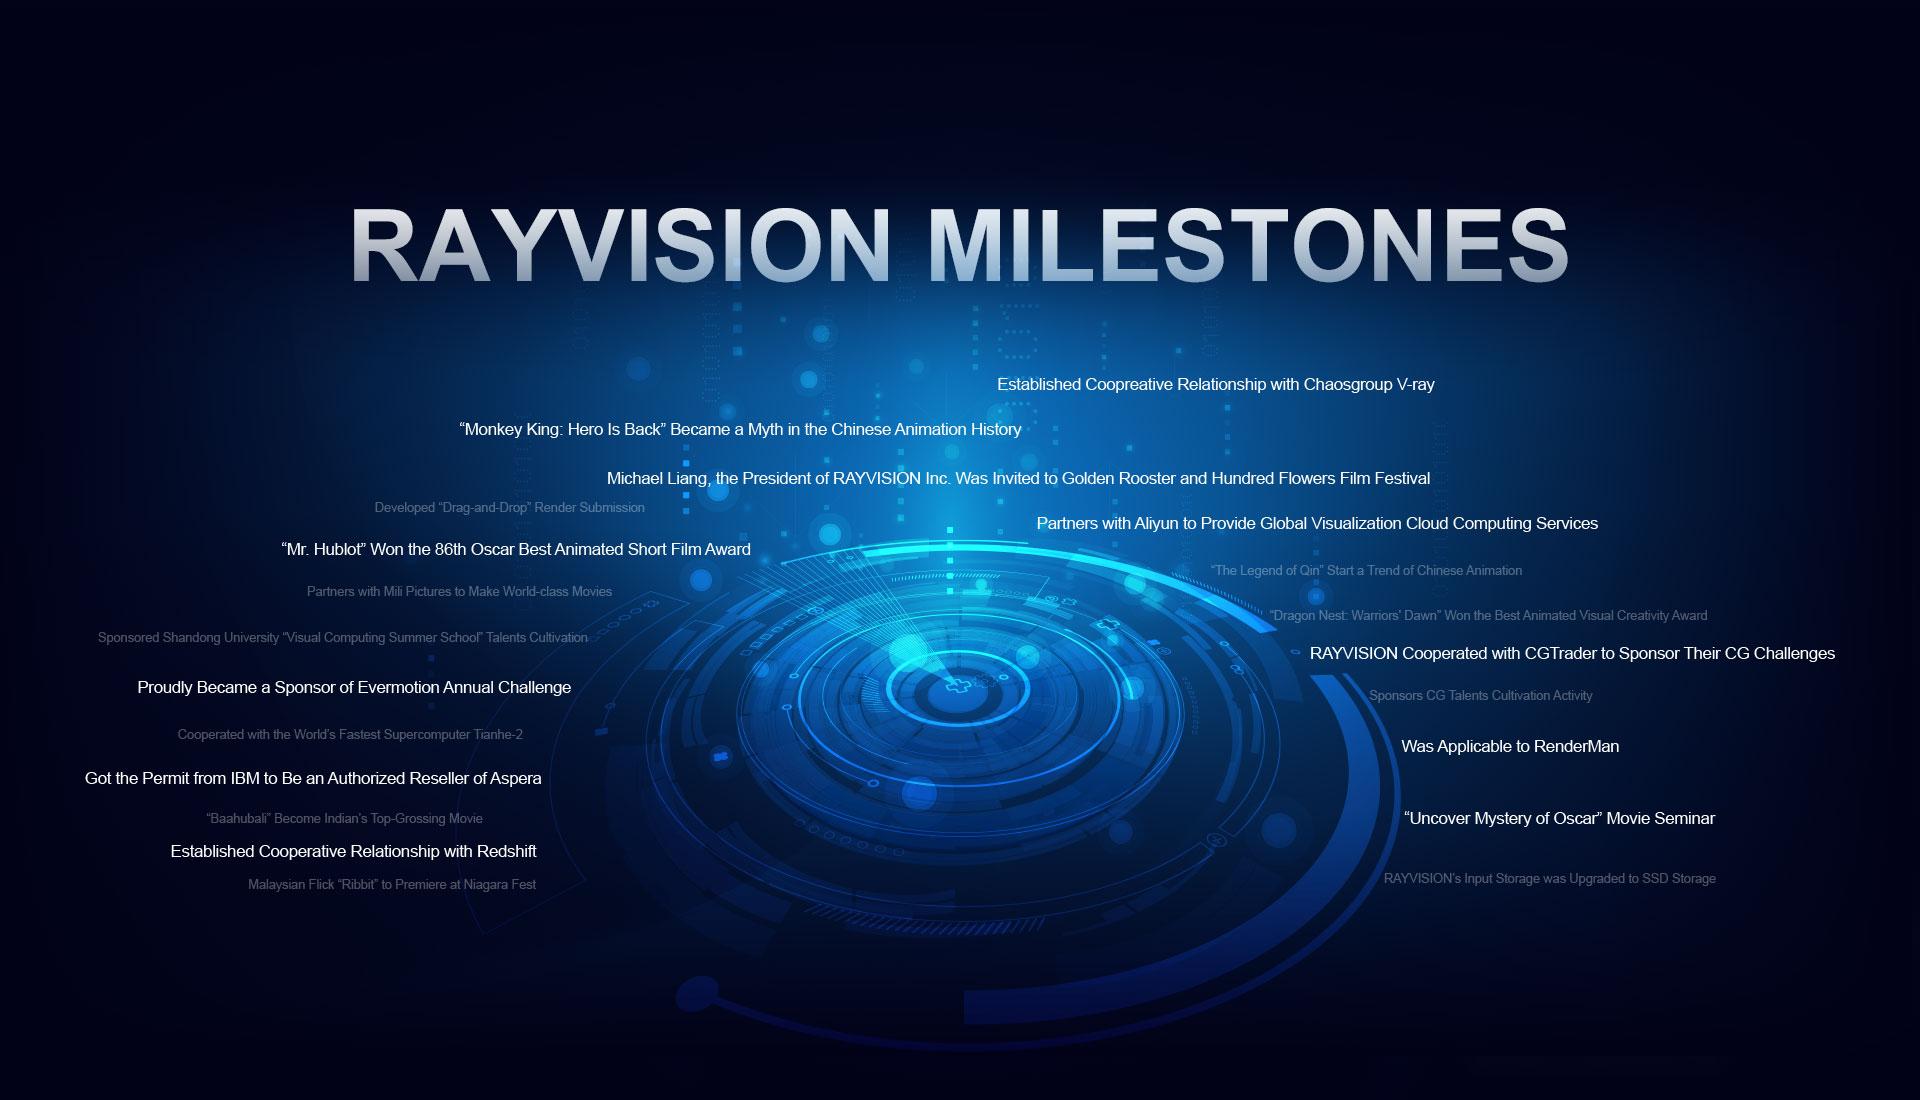 RAYVISION-MILESTONES